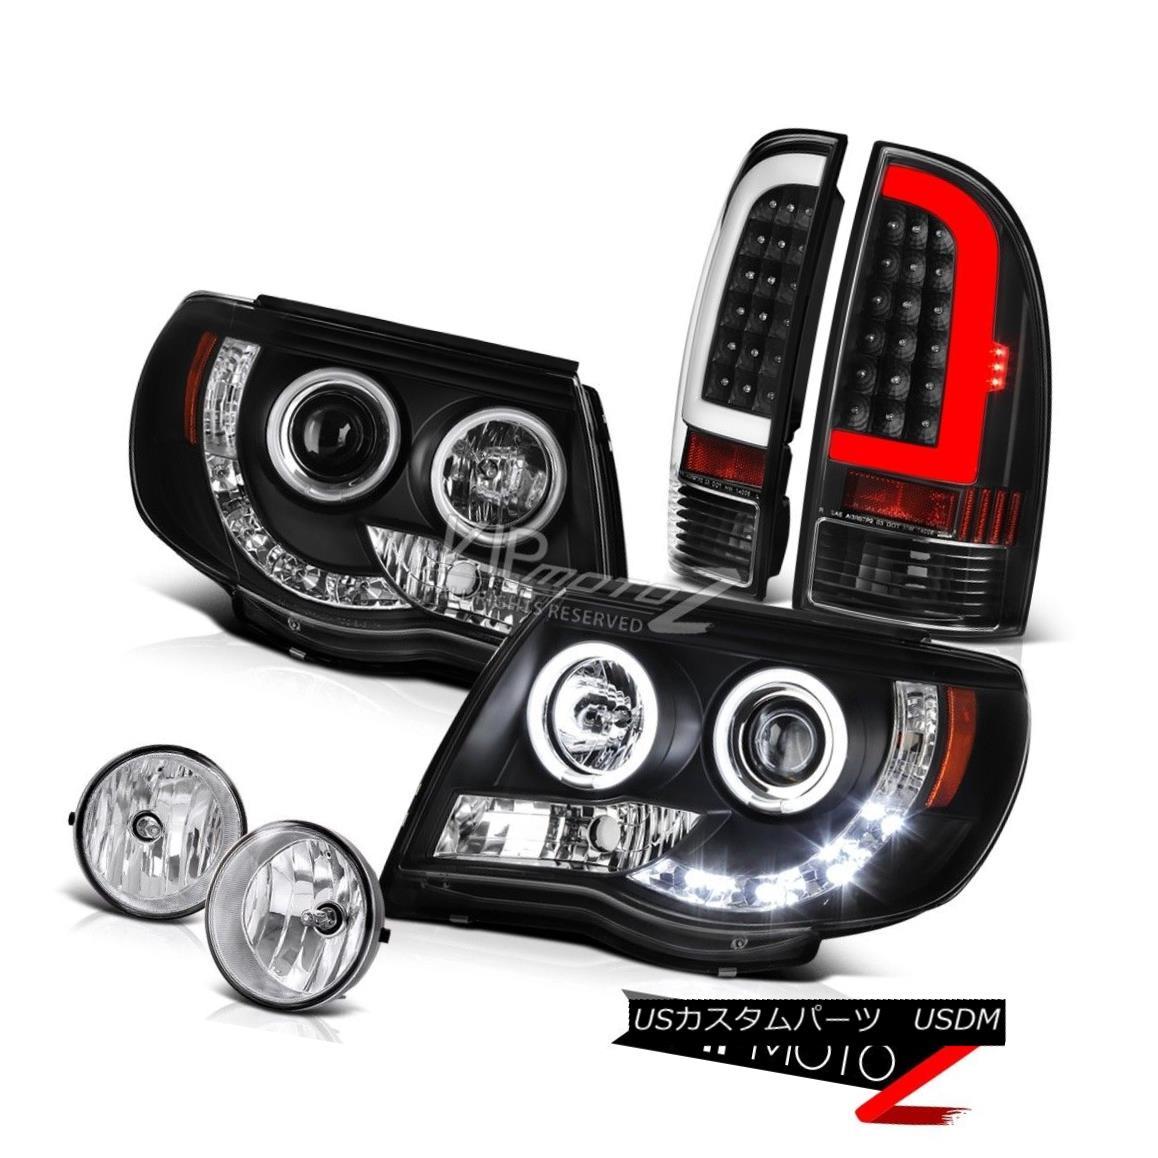 ヘッドライト 05 06-11 Toyota Tacoma Nighthawk Black Fiber Optic Rear Head Lights Chrome Fog 05 06-11トヨタタコマナイトホークブラックファイバーオプティカルリアヘッドライトクロムフォグ画像